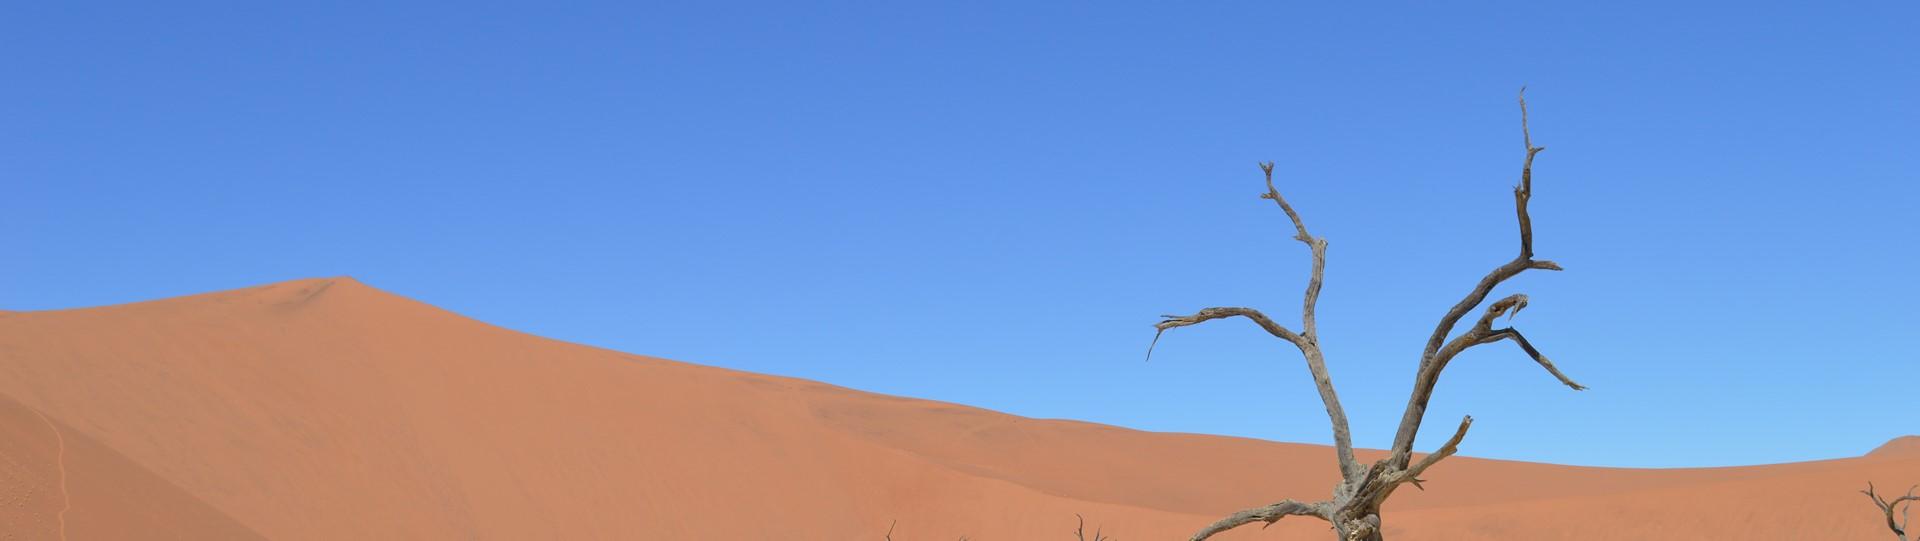 Onze reis naar Namibië was fantastisch !